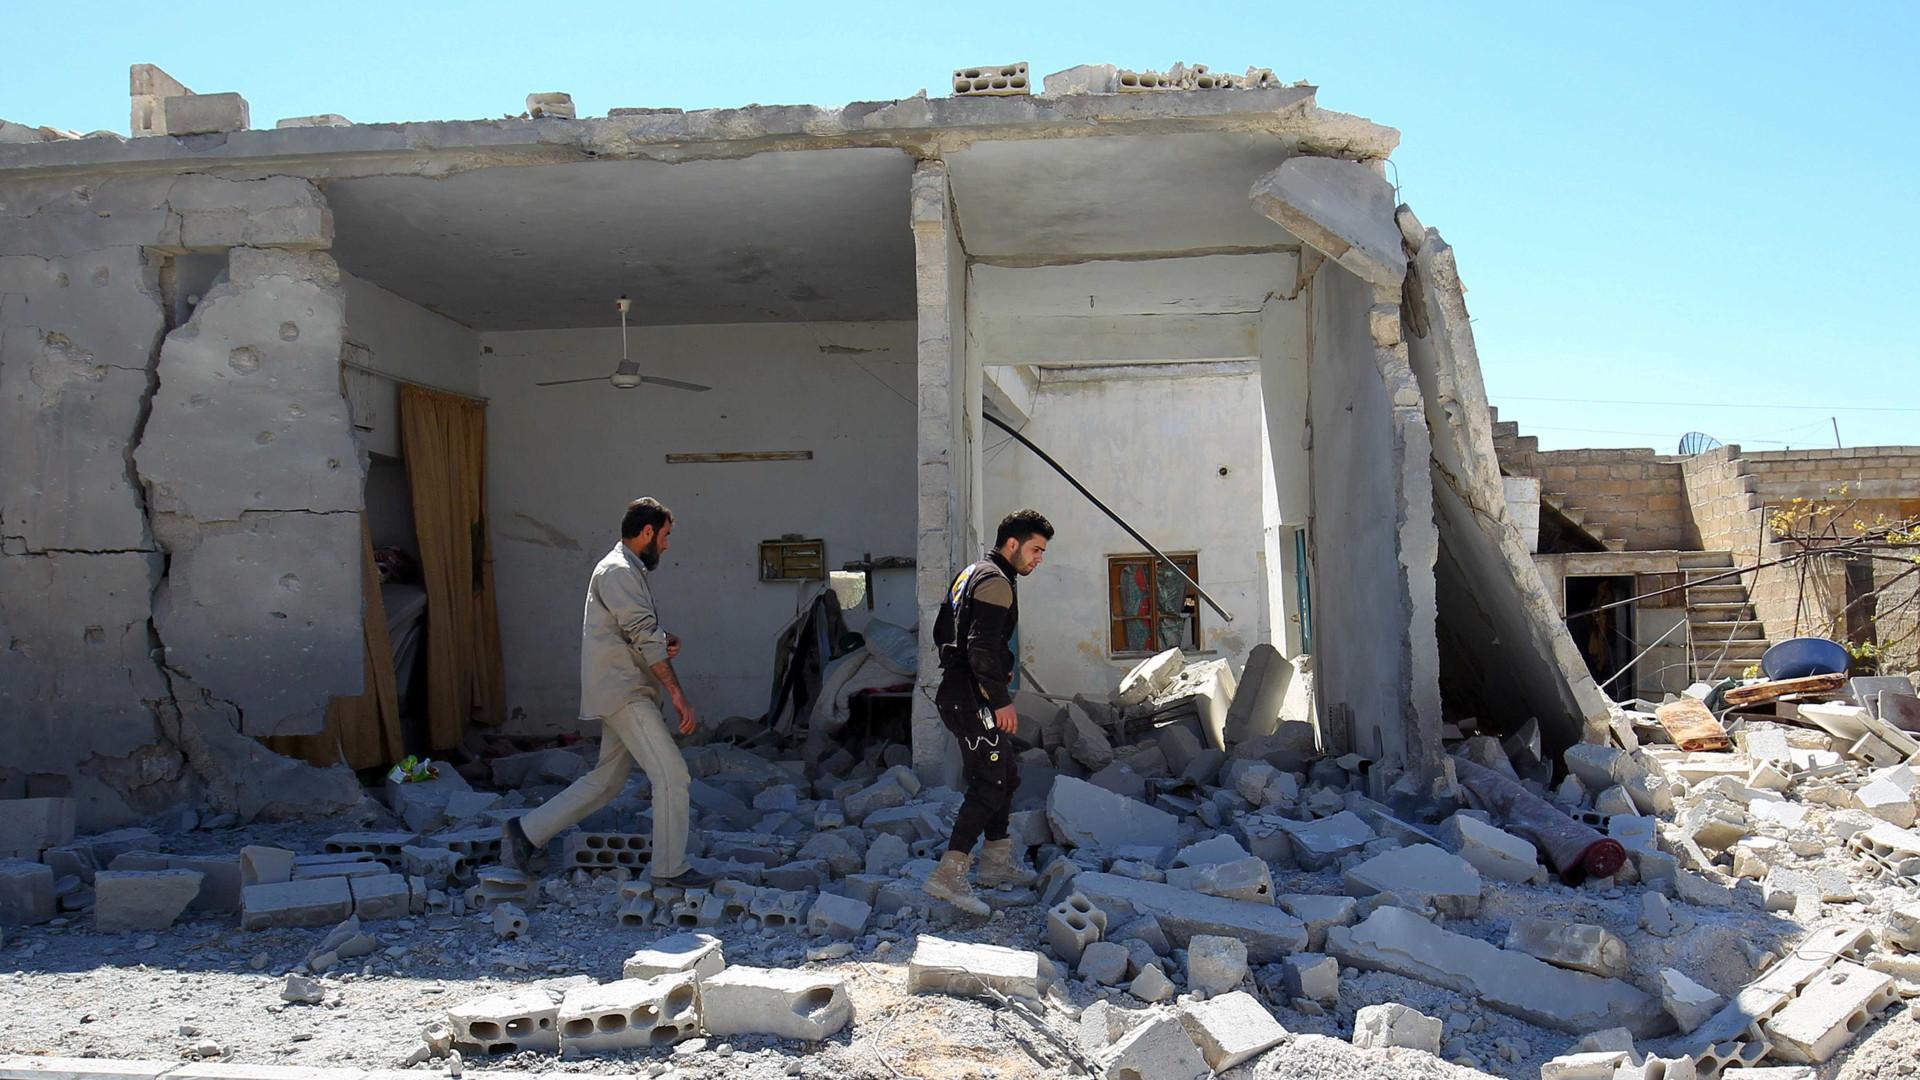 Conflito na Síria fez mais de 330 mil mortos desde 2011